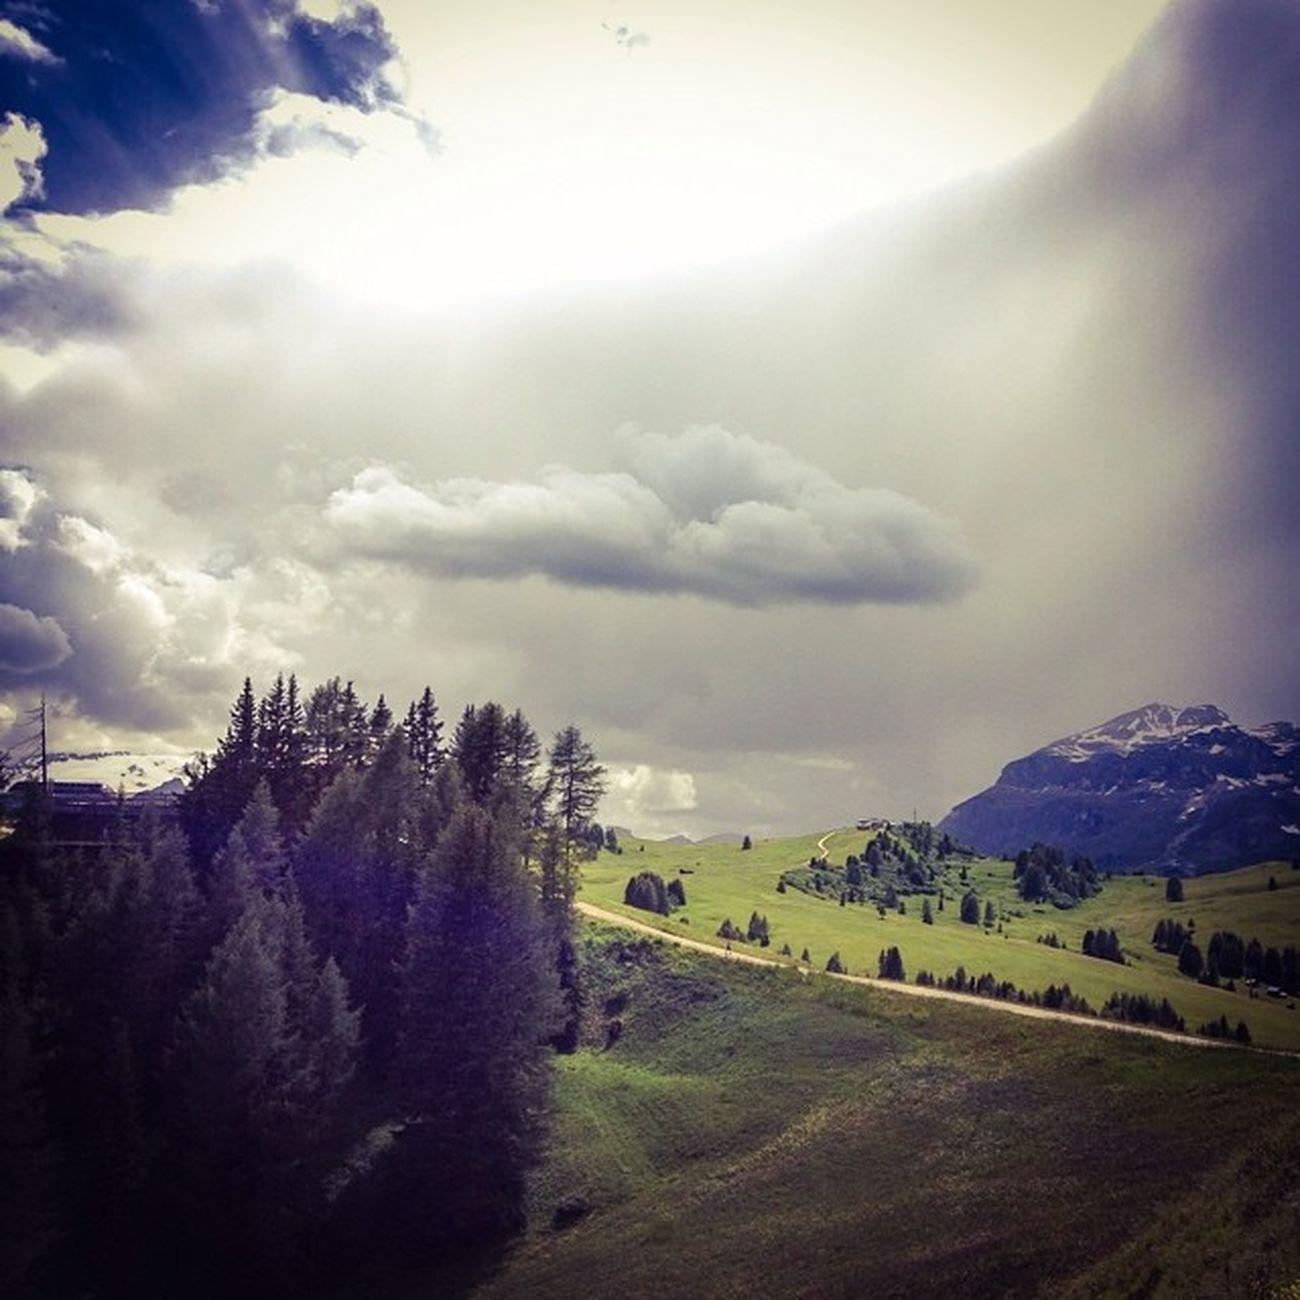 Iphonography Alps Nuvola Webstapick Dolomites Amazinglight  Altabadia LifeLessOrdinary Sancassiano Meshpics Corvara Bioch